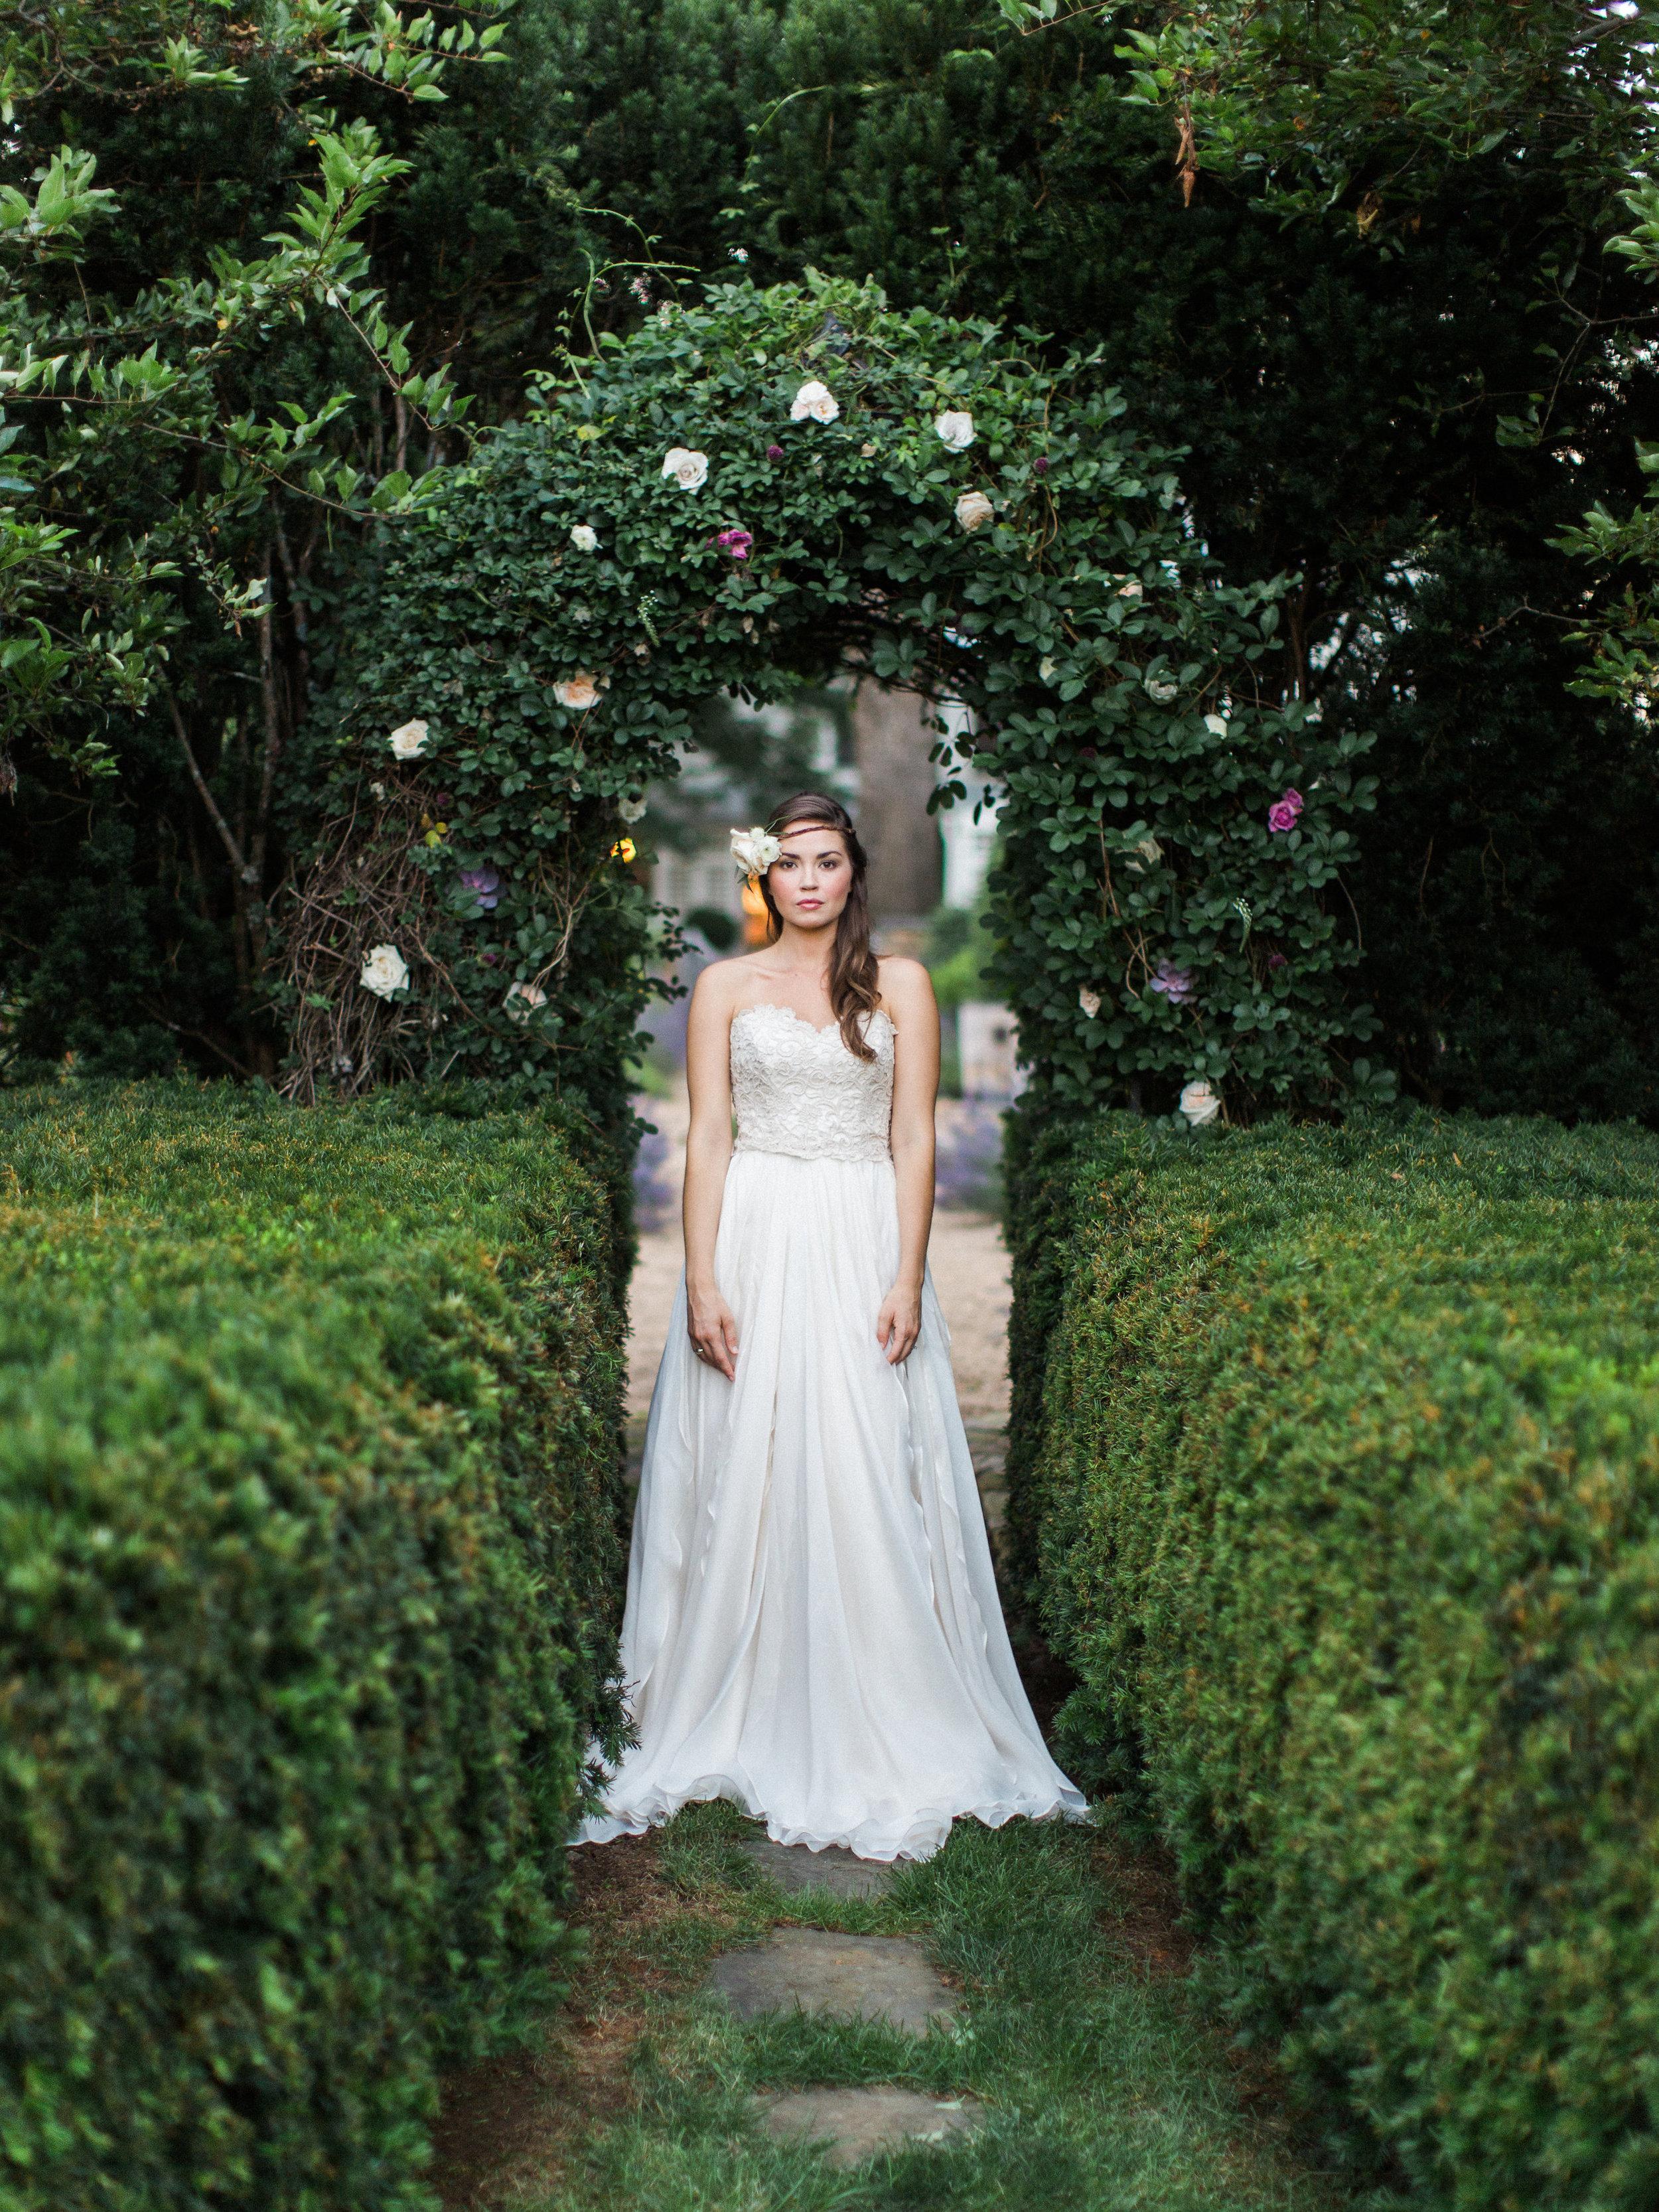 enchanted_garden156.JPG